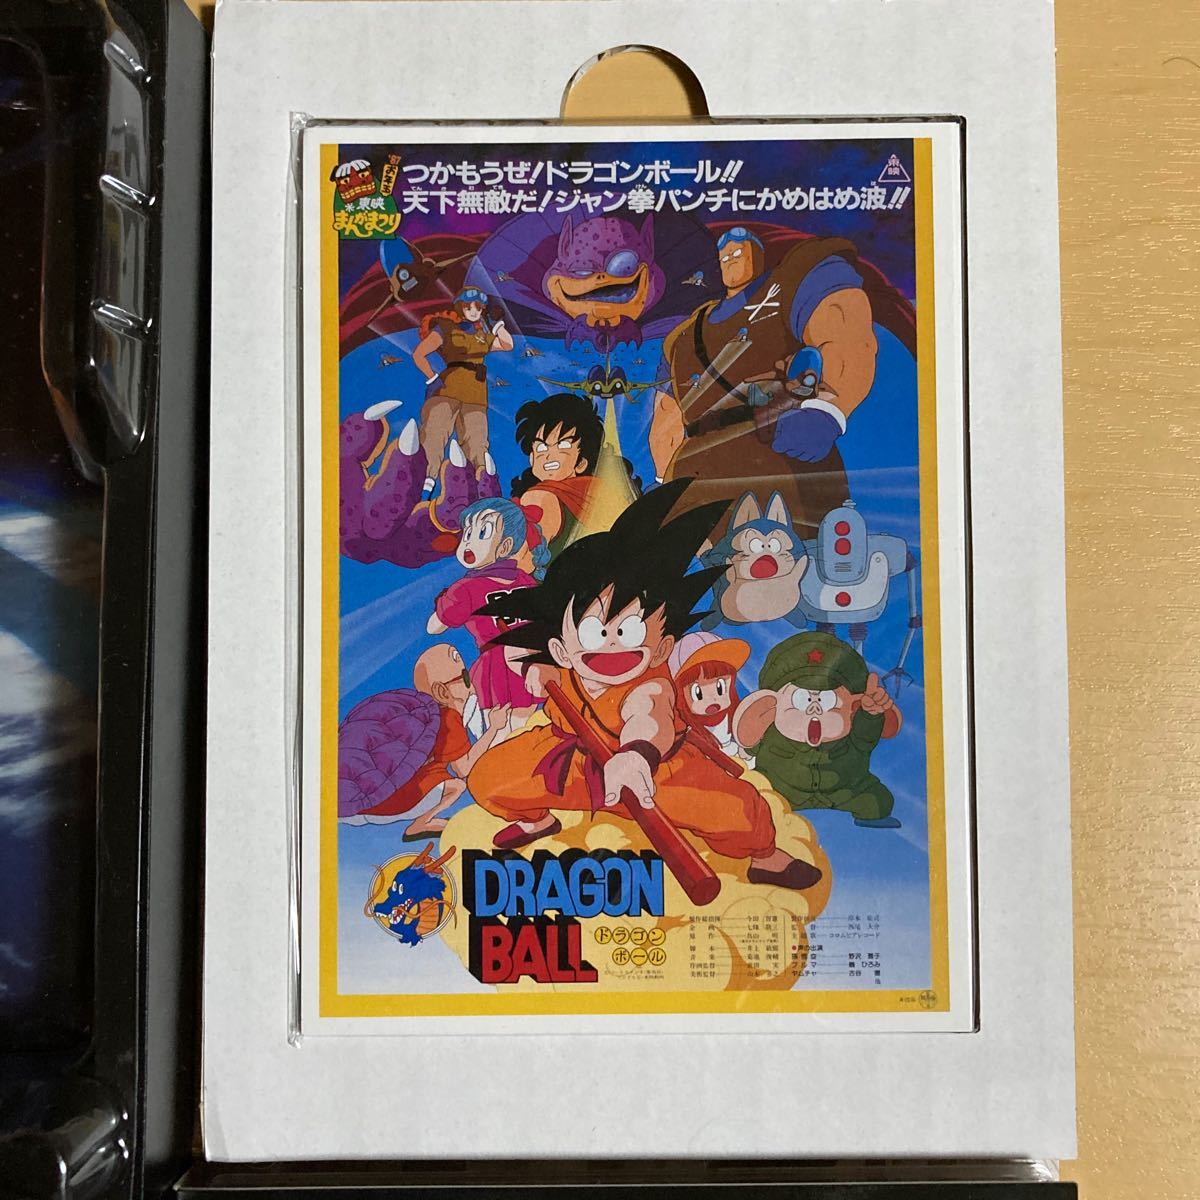 映画『ドラゴンボールZ 神と神 』特別限定盤(初回生産限定) DVD2枚組 フィギュア付